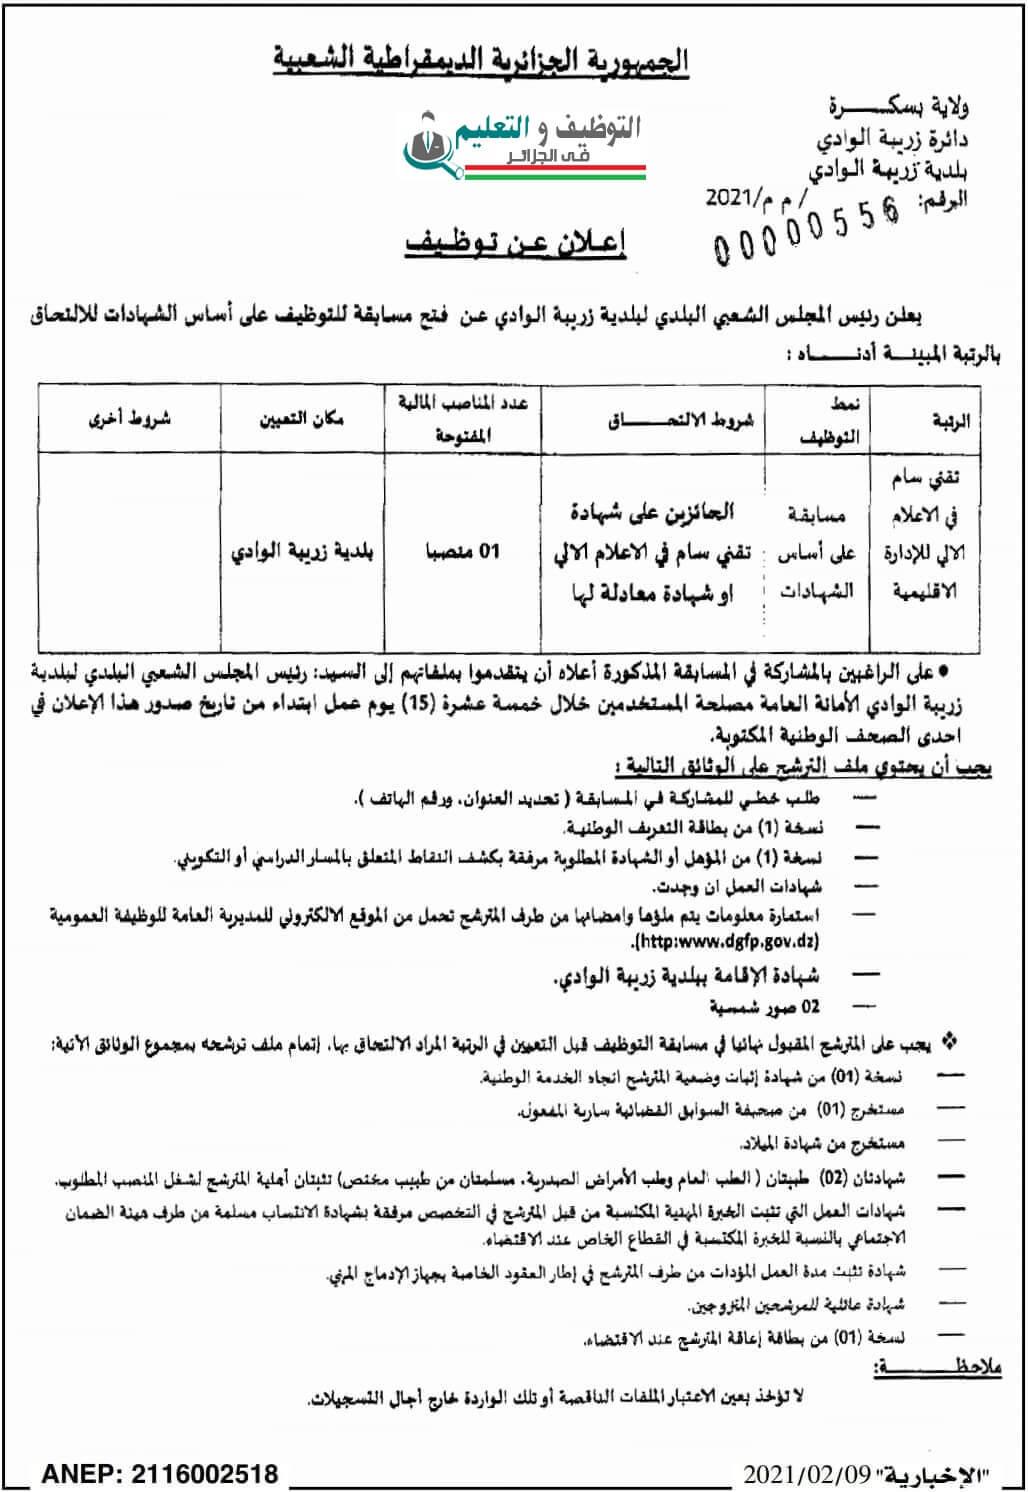 اعلان توظيف ببلدية زريبة الوادي لولاية بسكرة 13 فيفري 2021